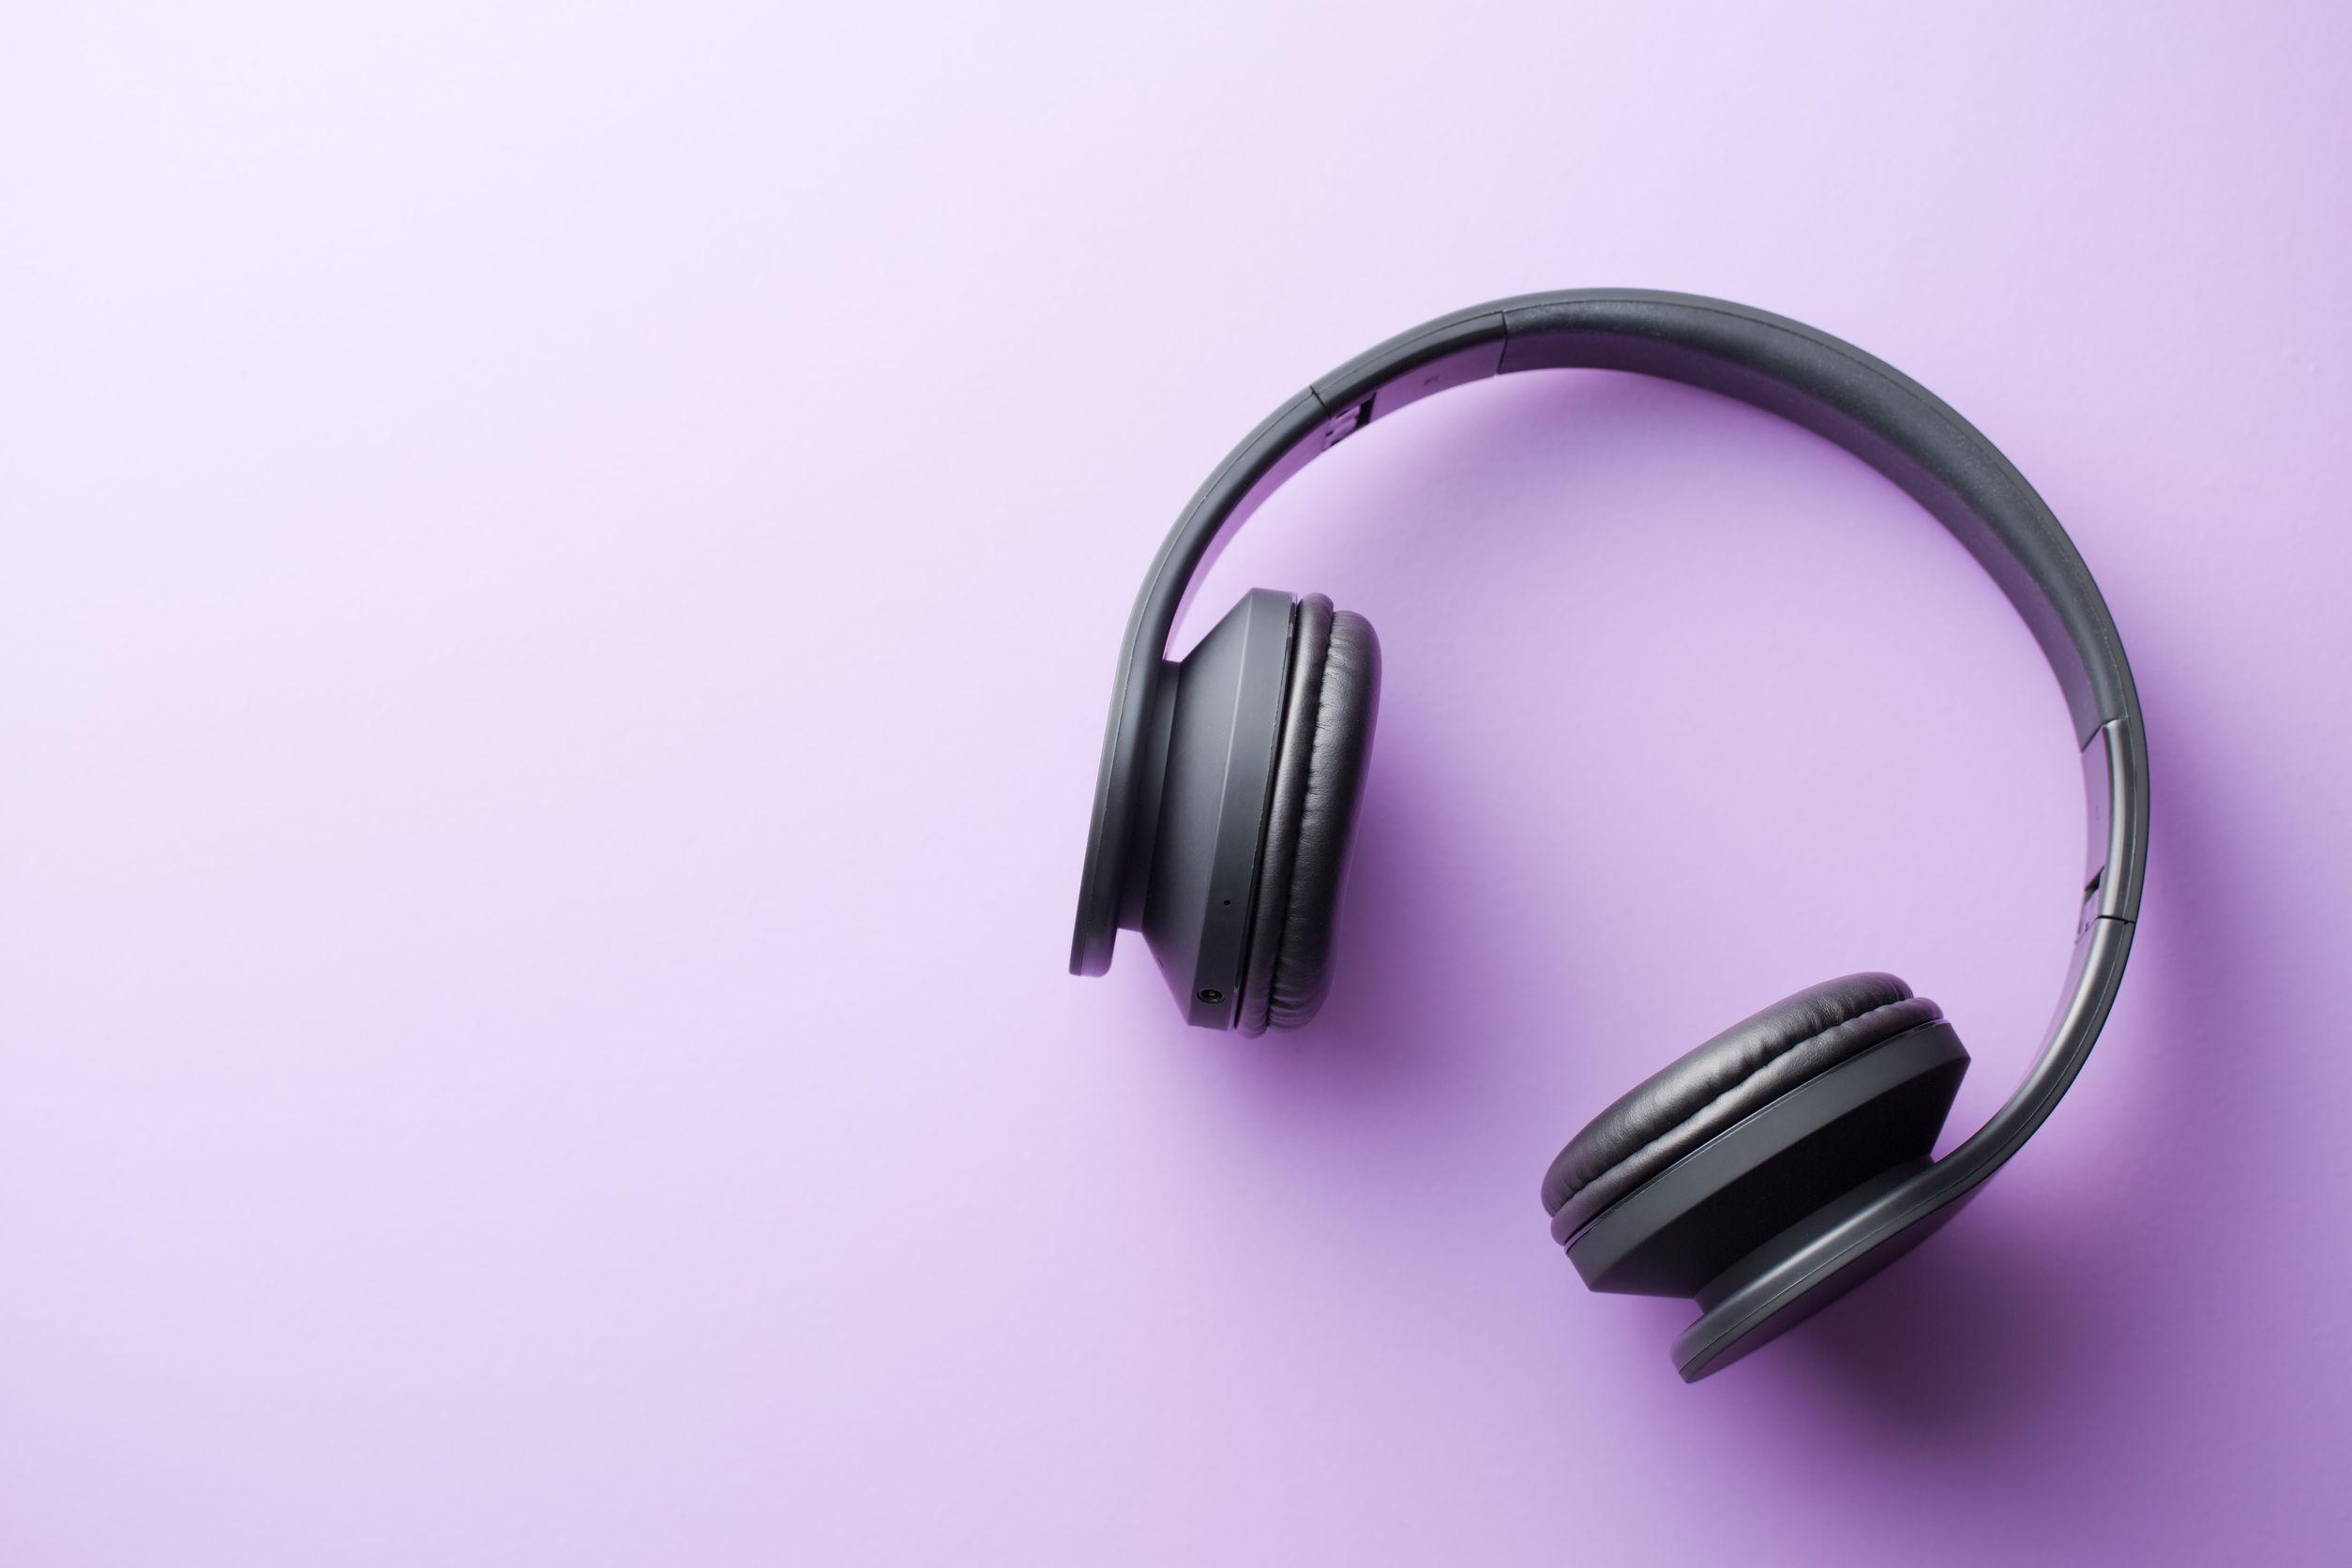 Auriculares inalámbricos: ¿Cuáles son los mejores del 2020?